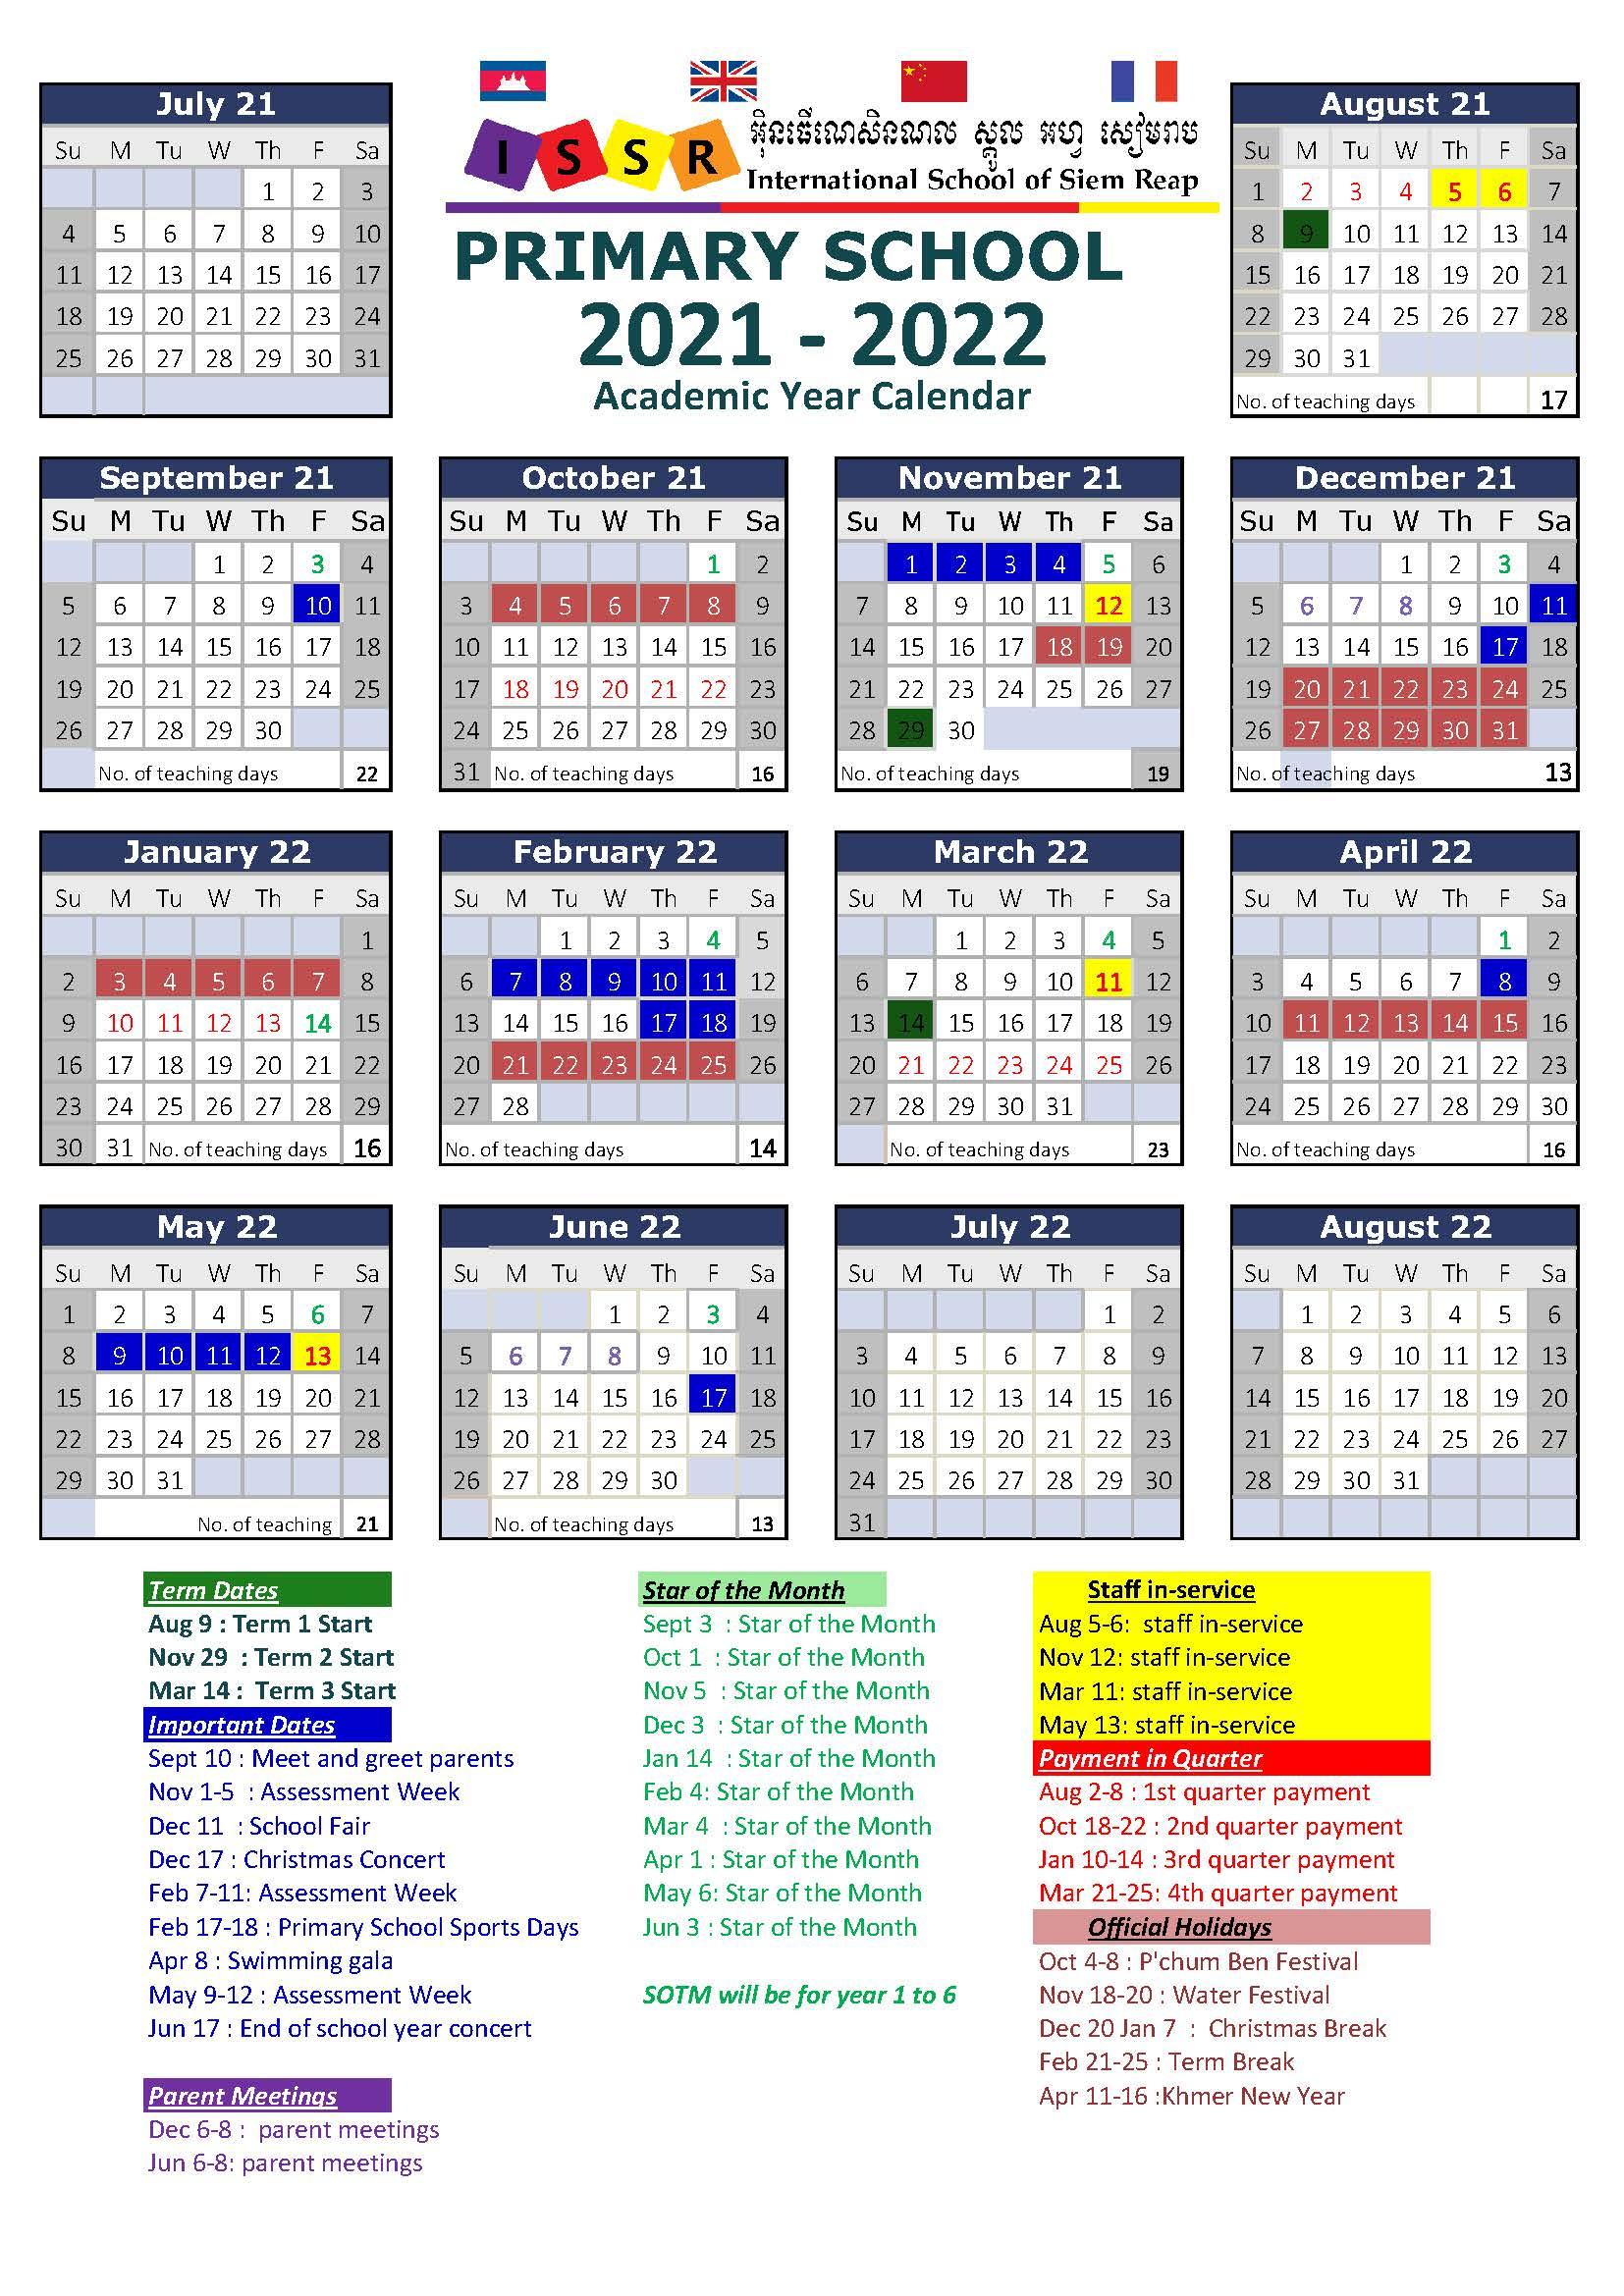 PS-Calendar in 2021-2022_update on 05-Jun-2021